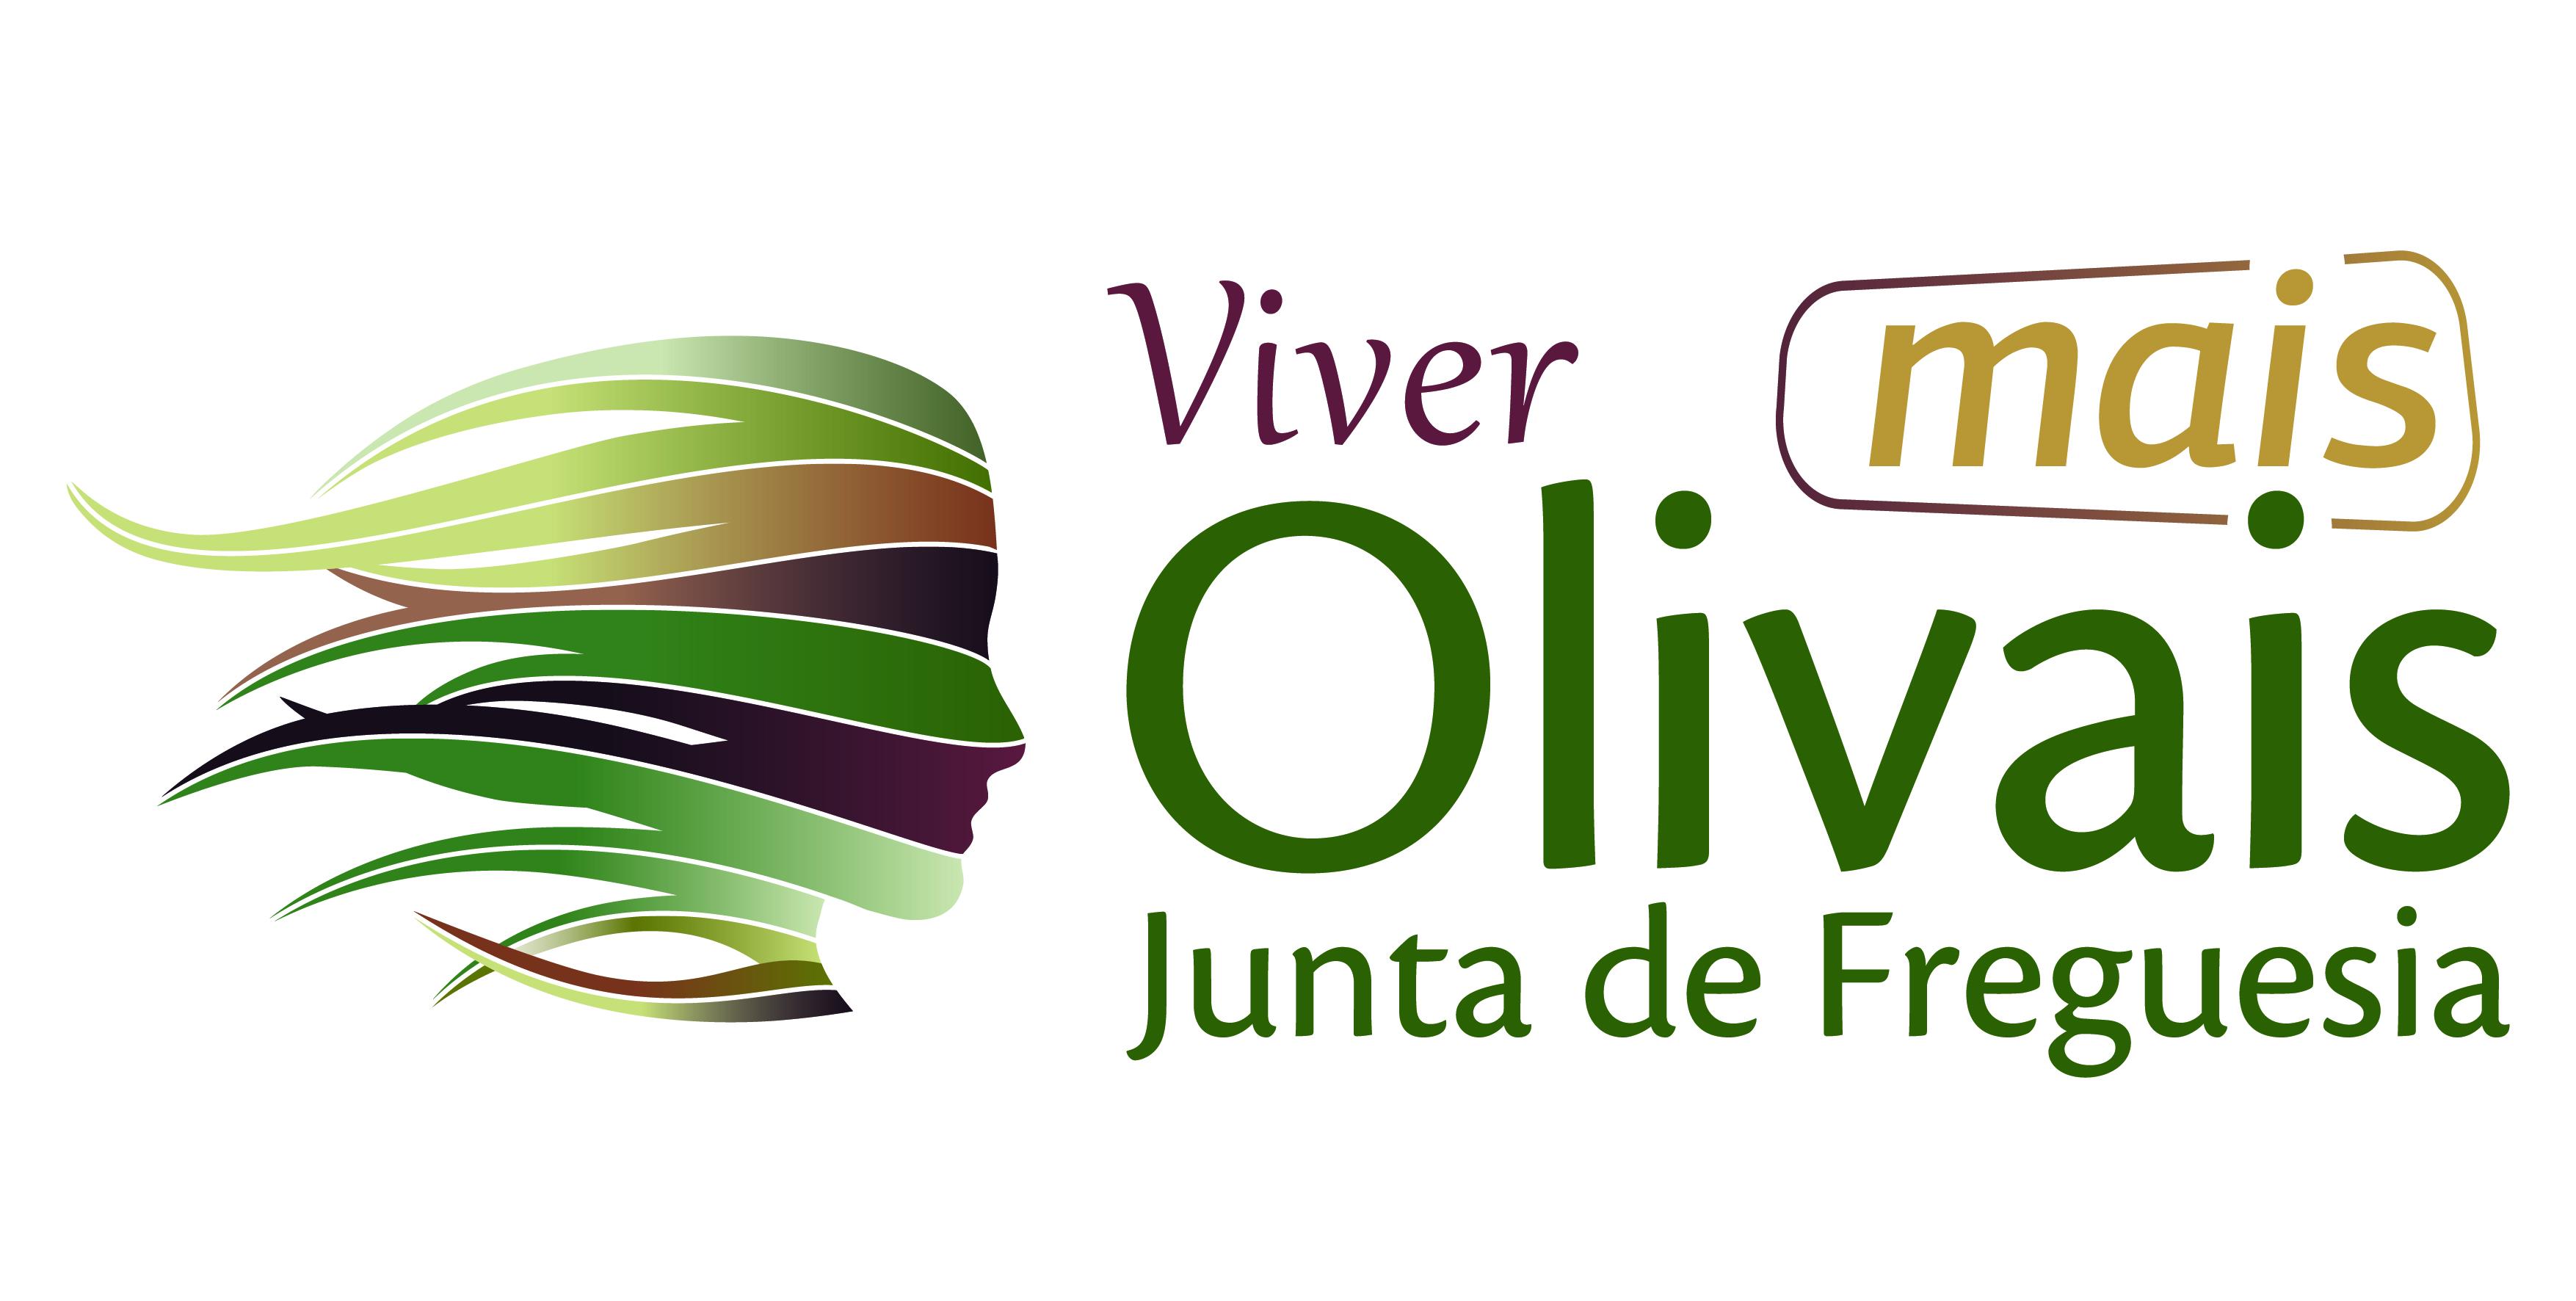 Junta de Freguesia de Olivais